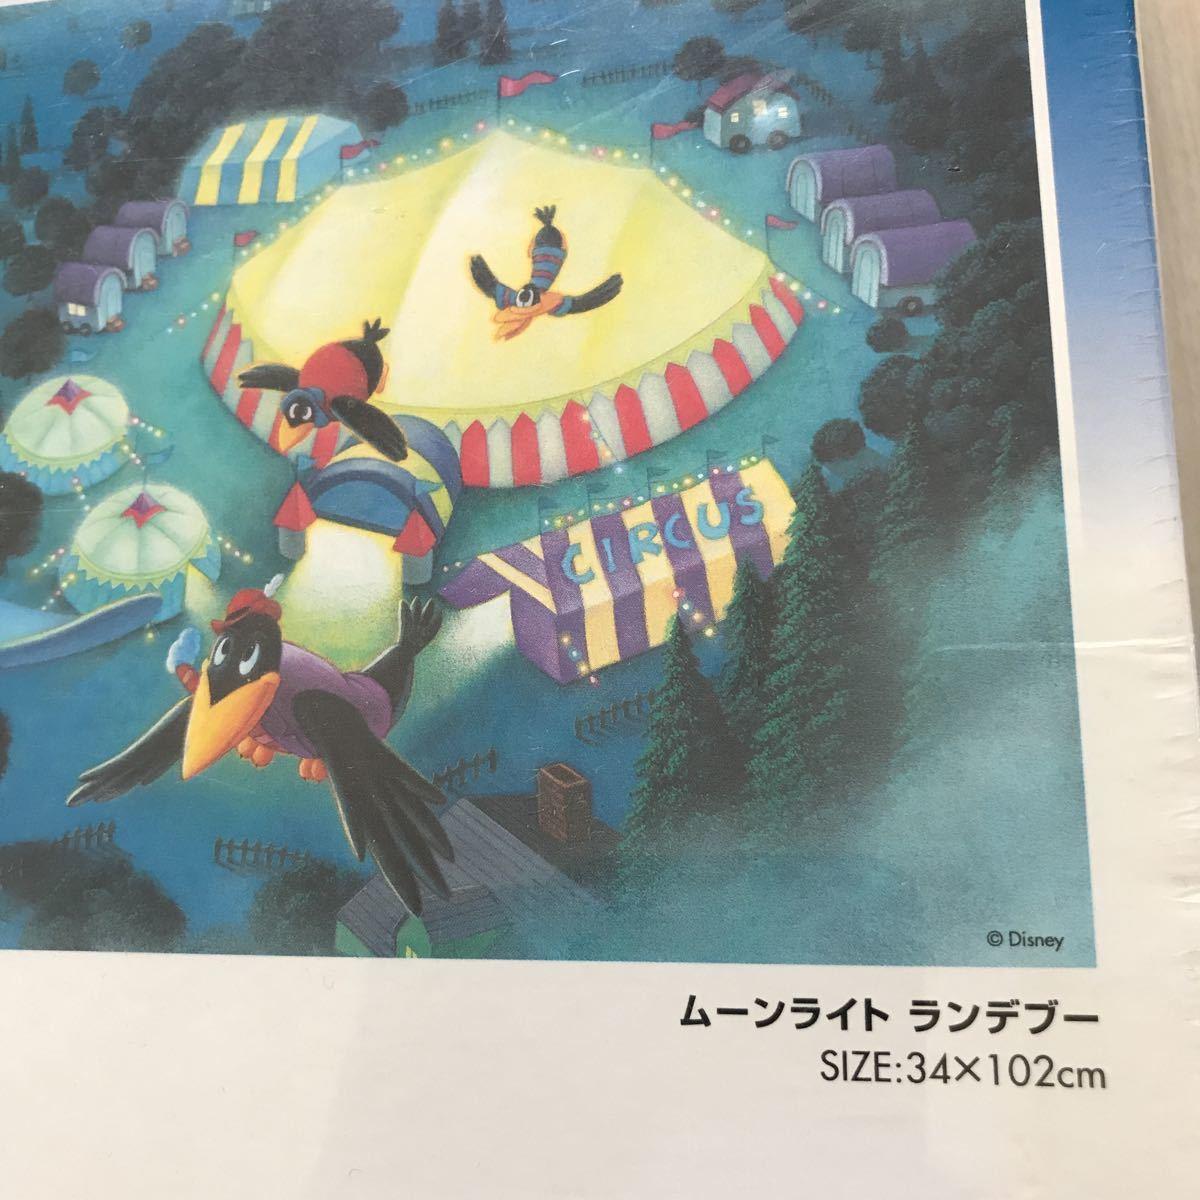 【新品未開封】ダンボ ムーンライトランデブー パノラマジグソーパズル950ピース ディズニー_画像4